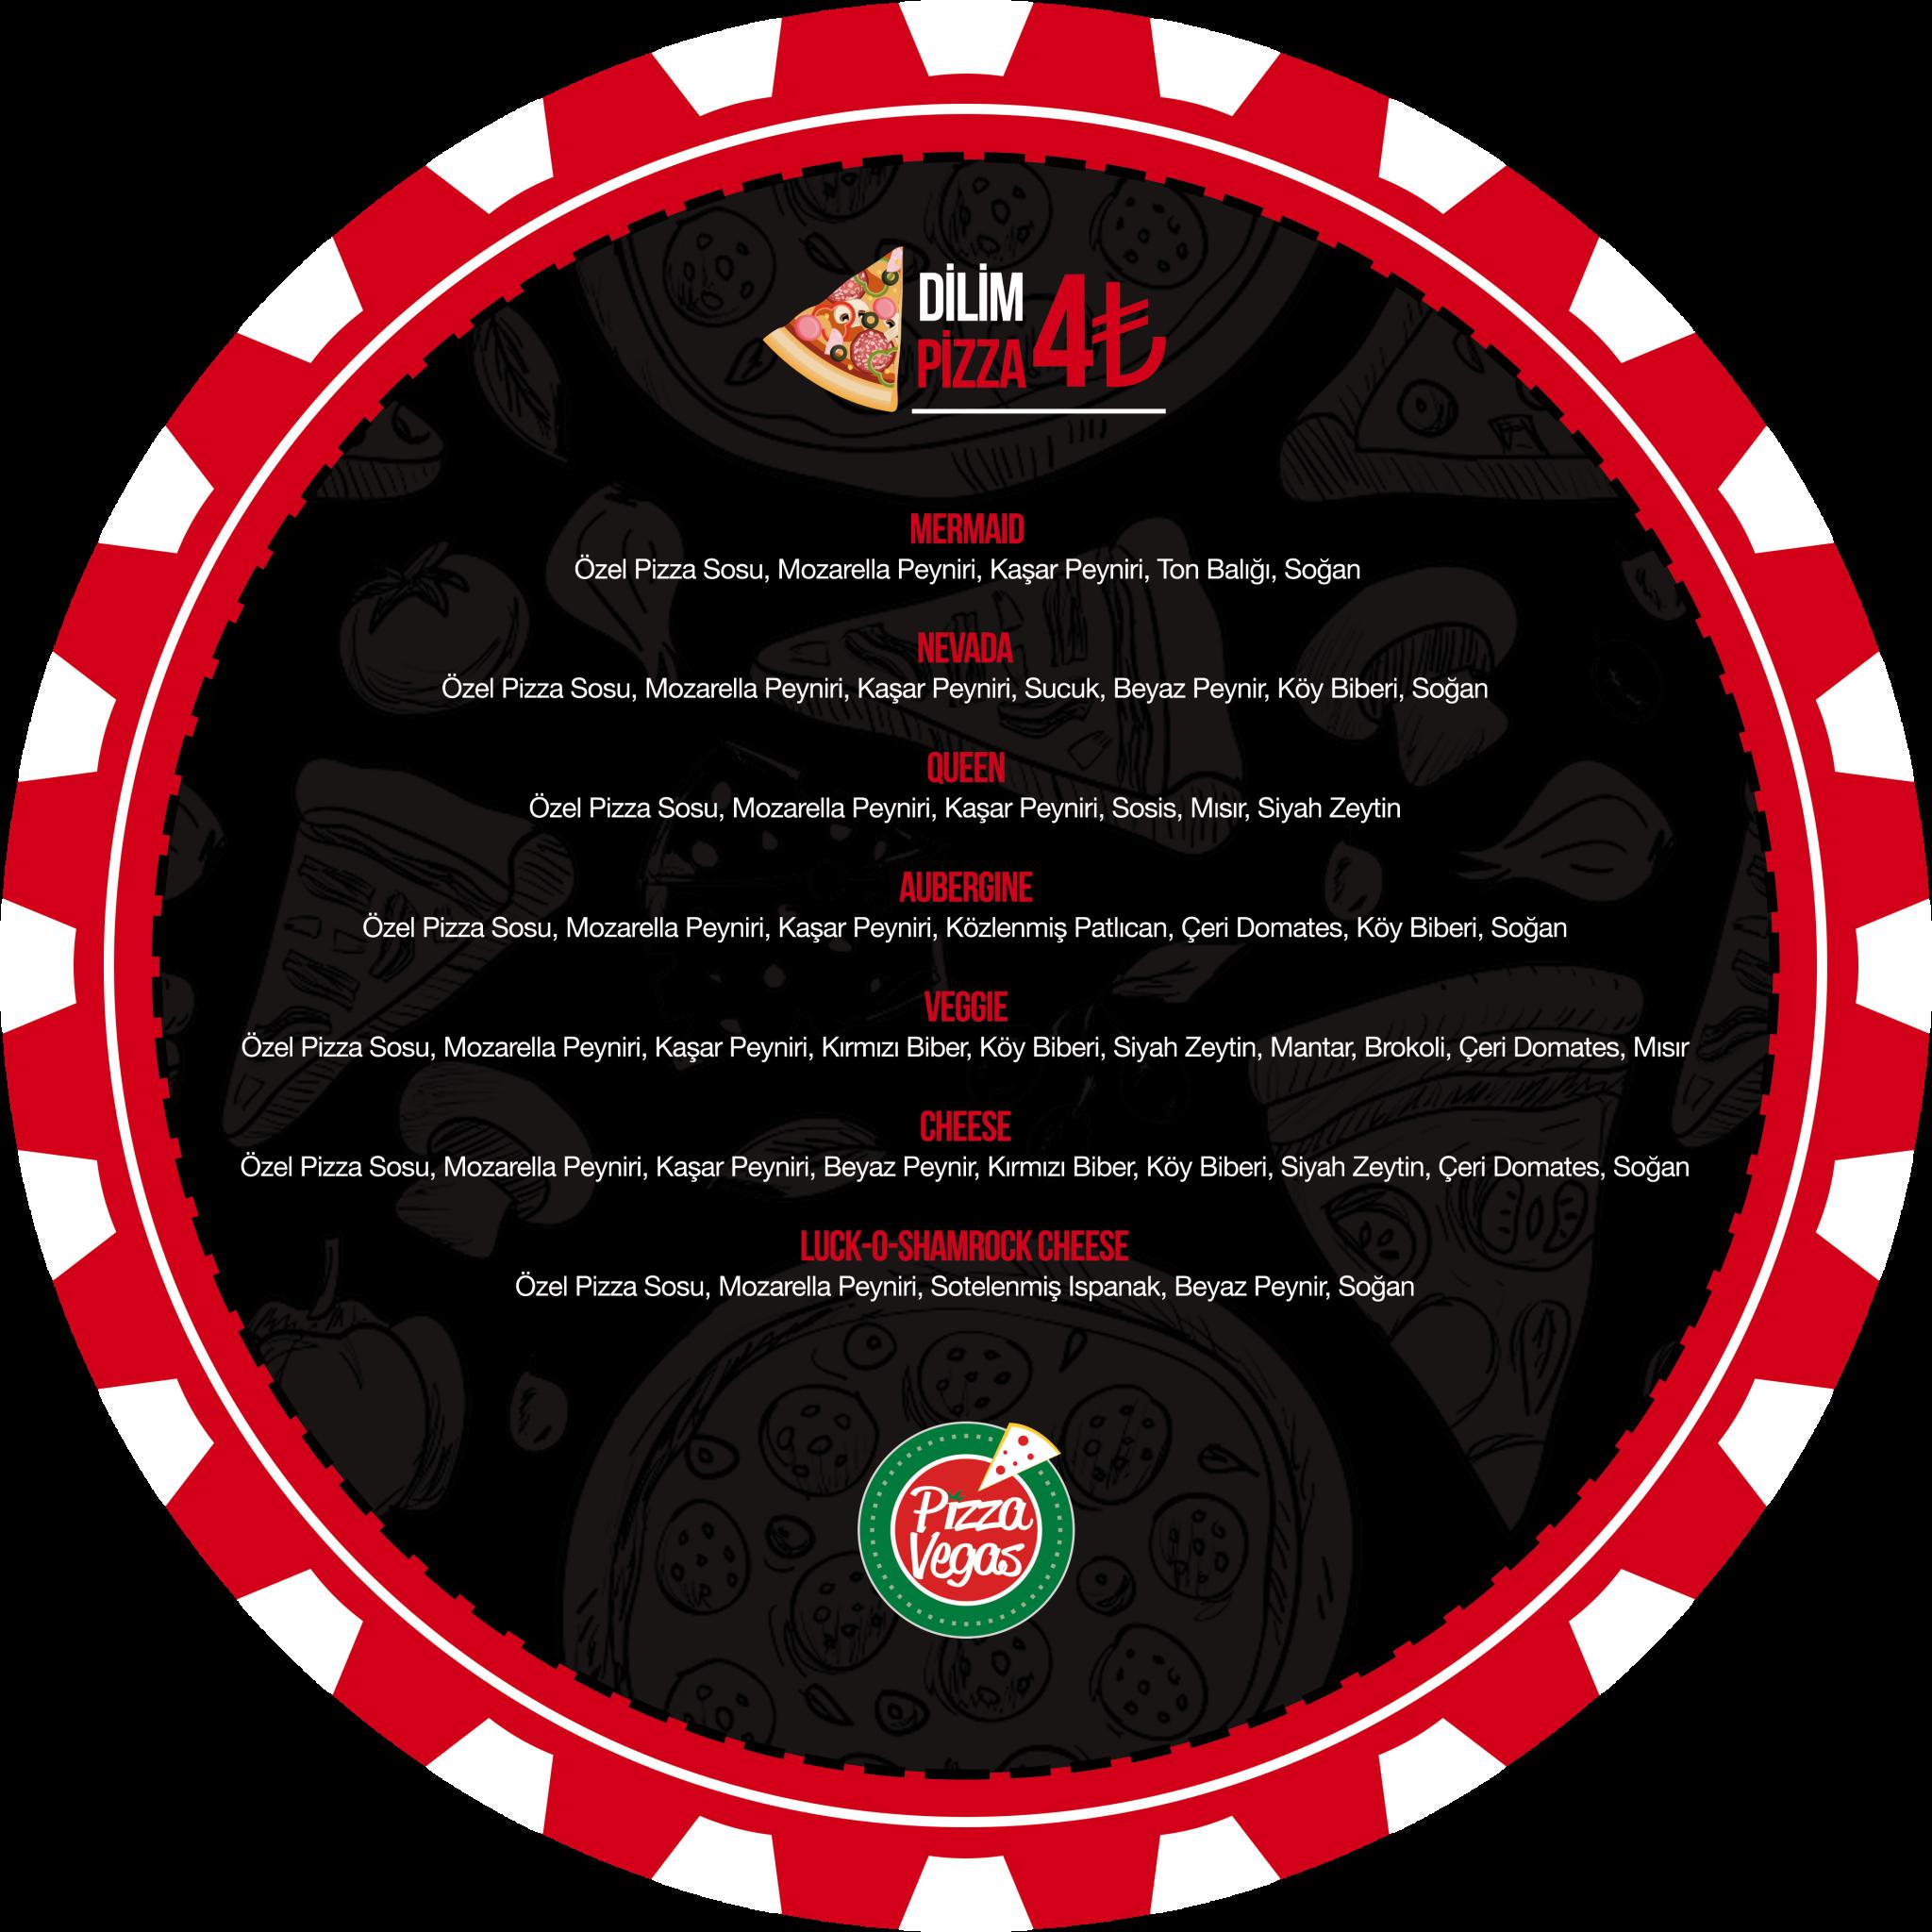 Menü Pizza Vegas Kurumsal Kimlik Çalışması (Brand Identity)! Menü, ıslak mendil, - kıyafetler, pizza kutusu, kartvizitler, menüboard, motto, flyer, billboard.